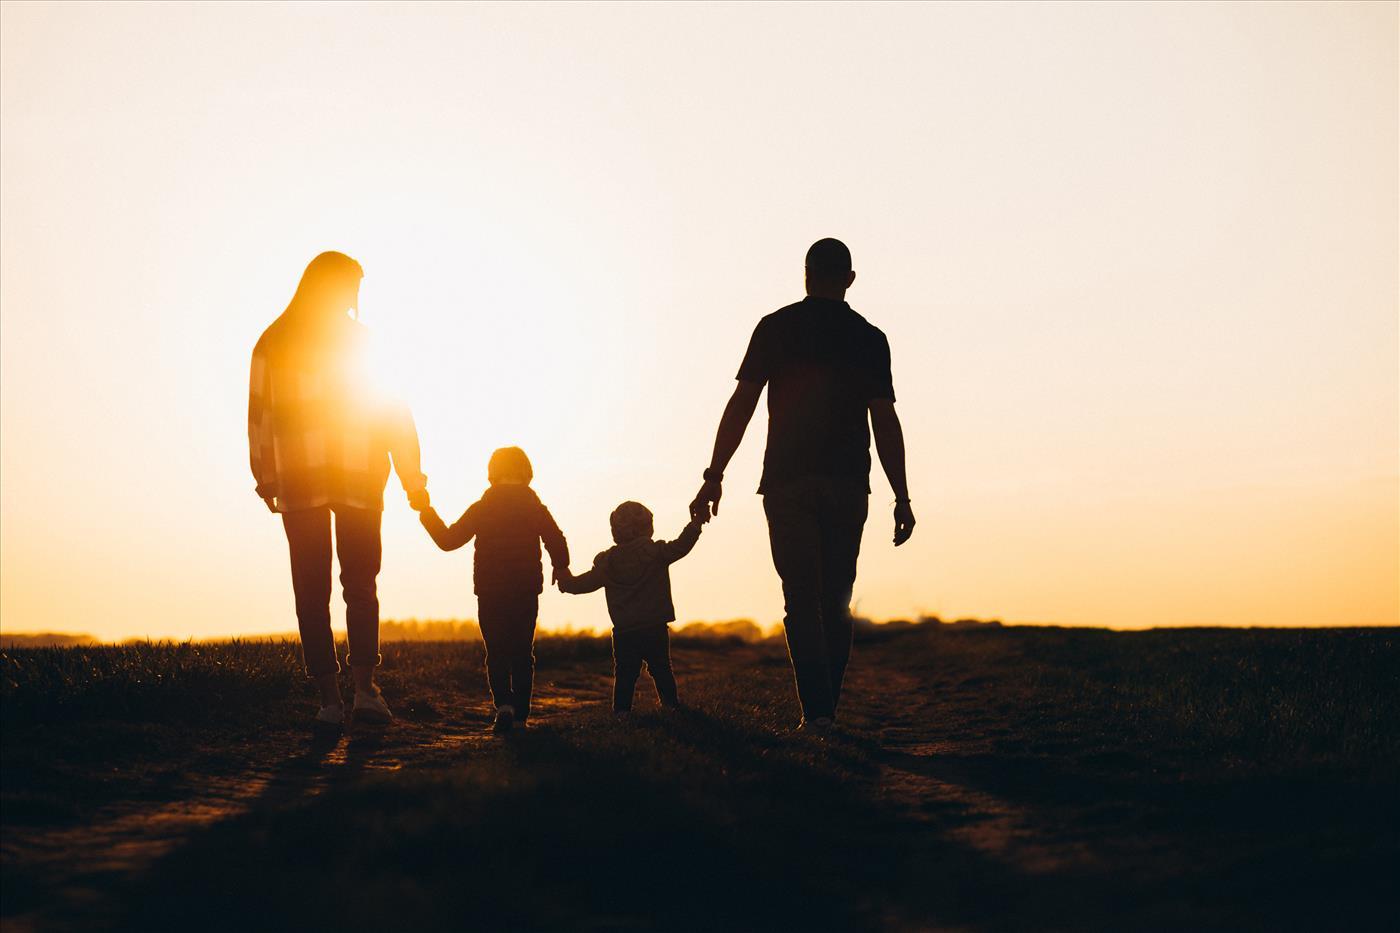 האקדמיה ללשון משכתבת את המשפחה העברית